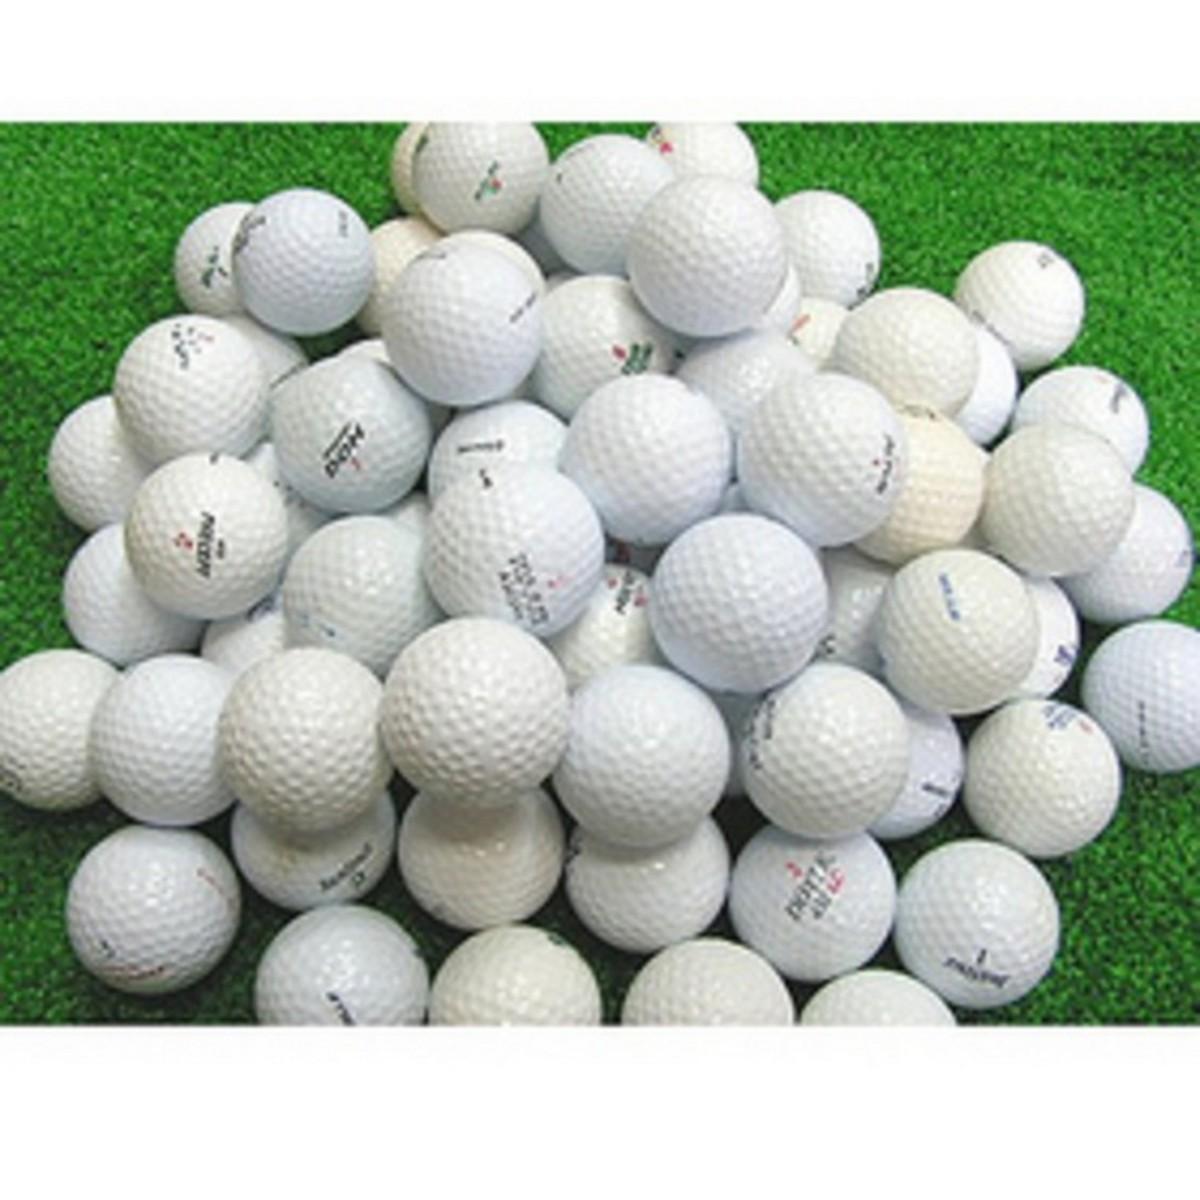 メイホウゴルフ ロストボール 練習用ボール300個セット